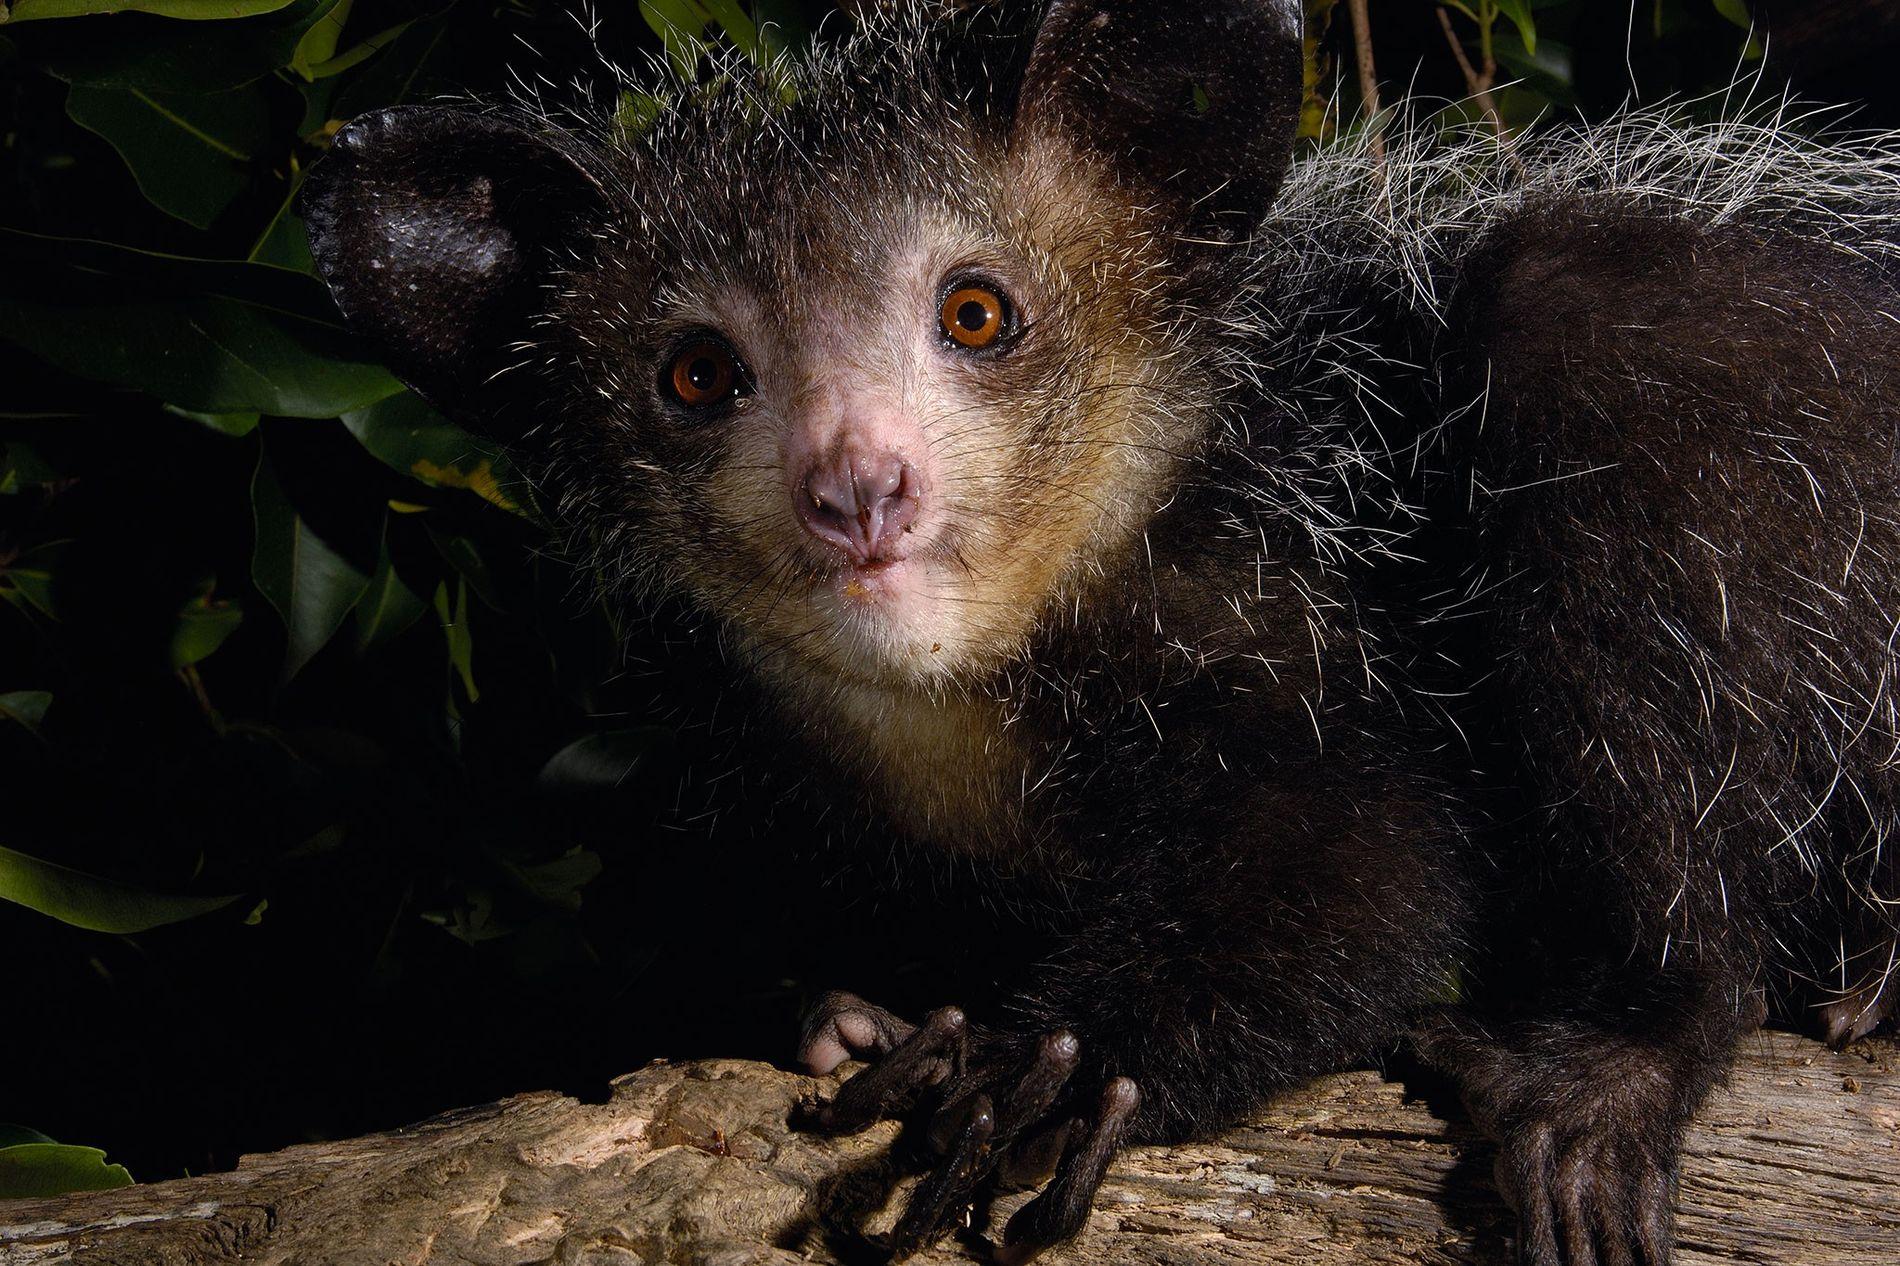 Los ayeayes tienen una mezcla de rasgos peculiares: orejas enormes, colas peludas, dientes similares a los de un roedor y un cuarto dedo larguísimo que utilizan para arrancar gusanos de los árboles.